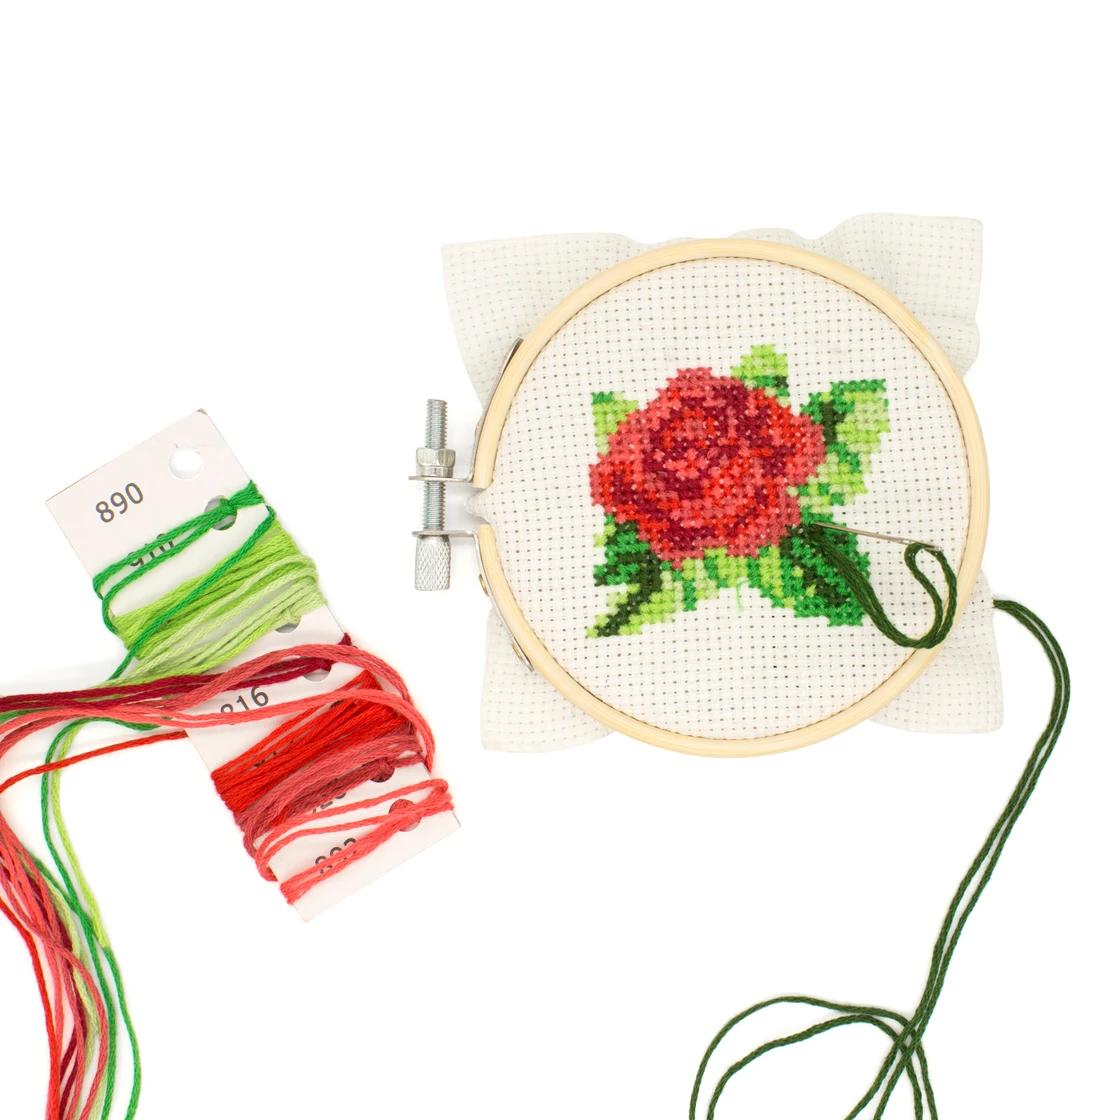 Rose Mini Cross Stitch in the making